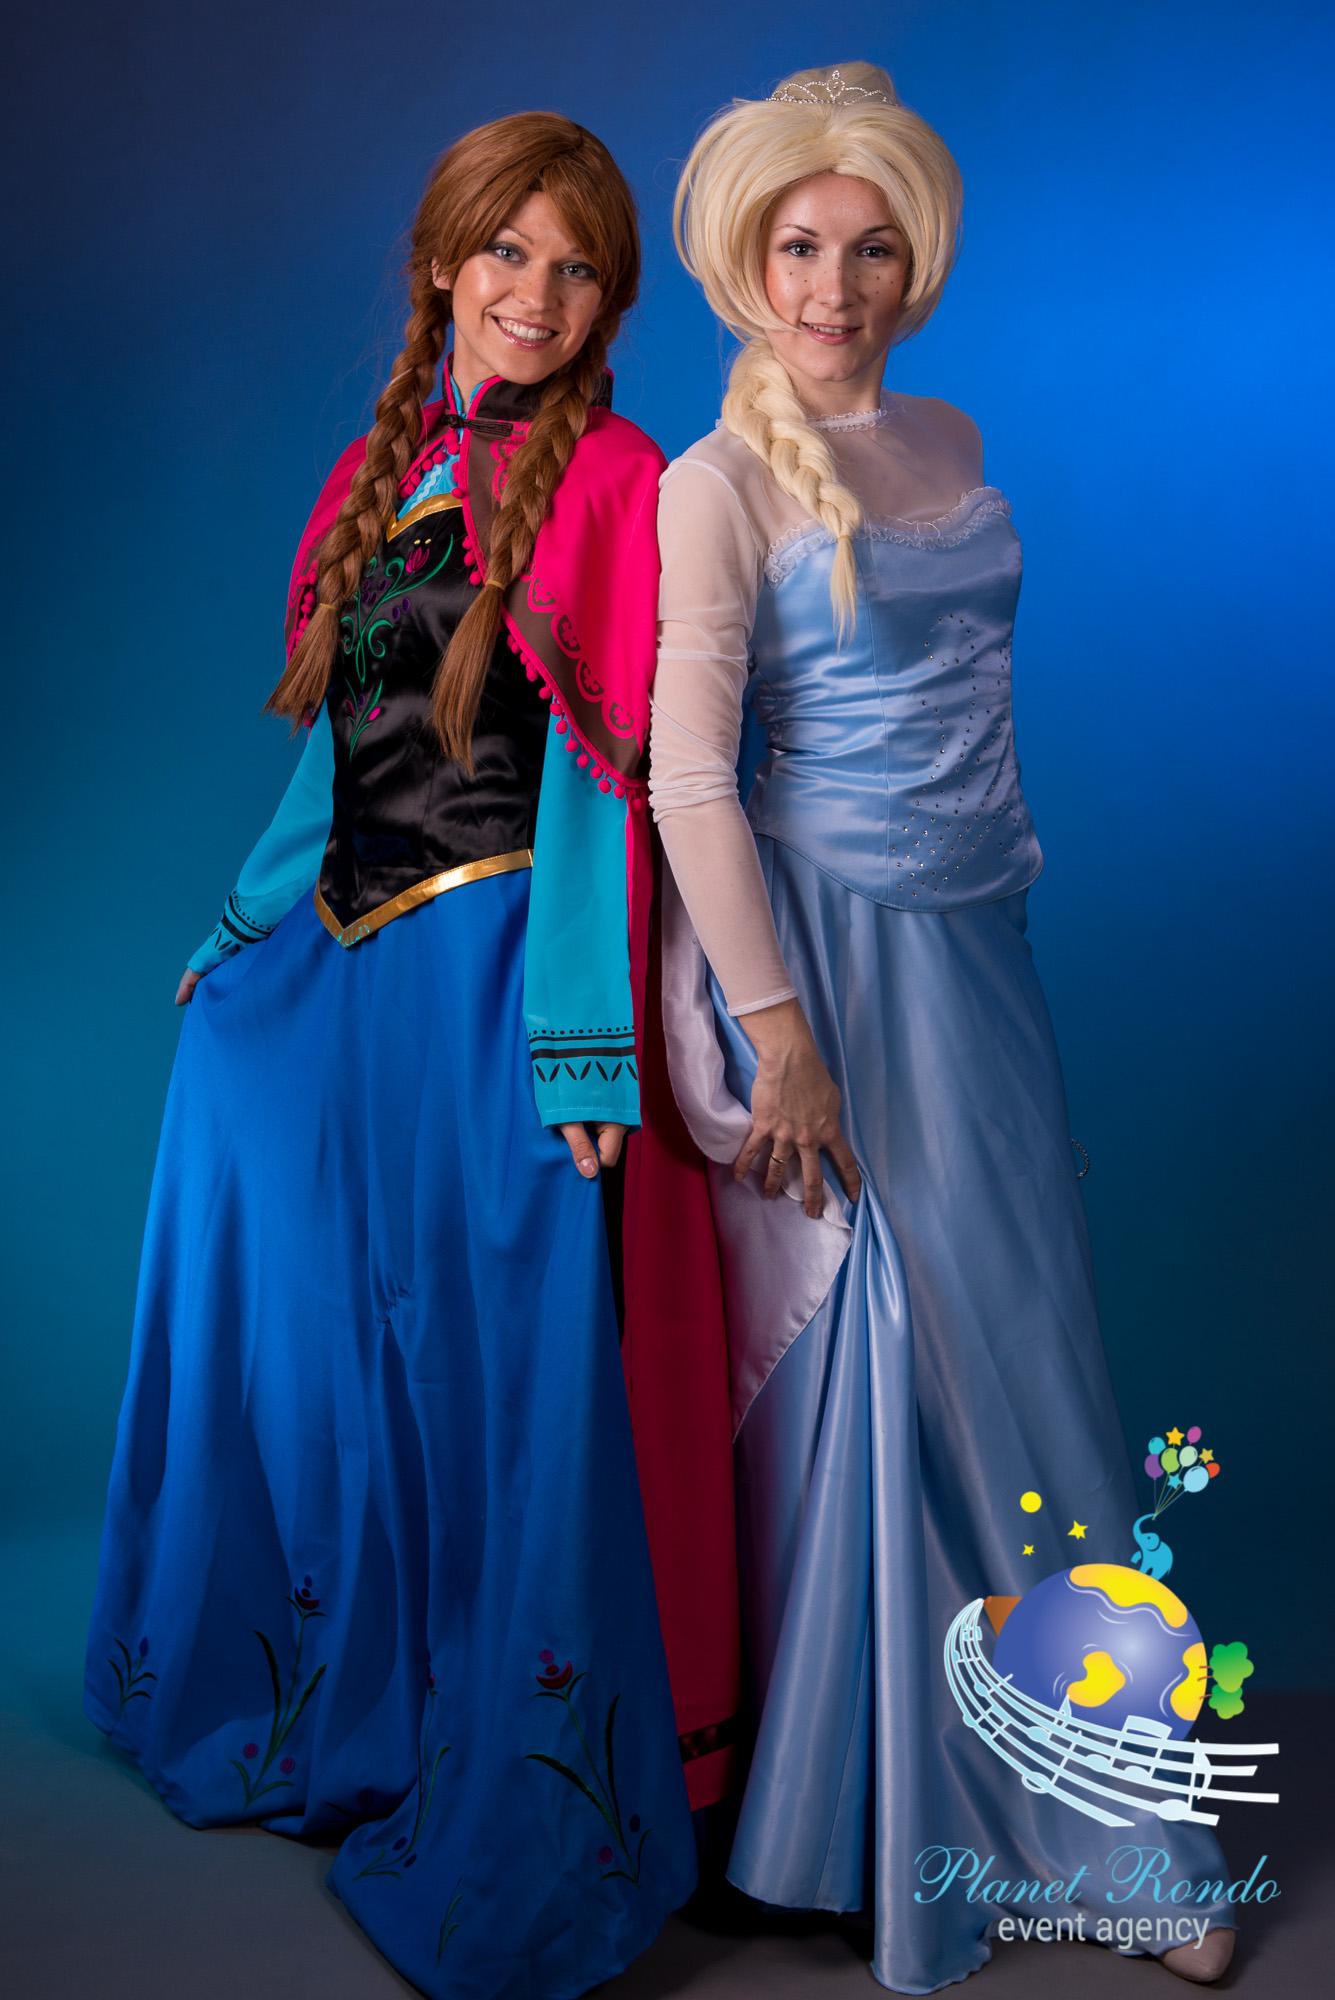 Hyra Elsa till kalas Trolla med is Underhållare Planet Rondo